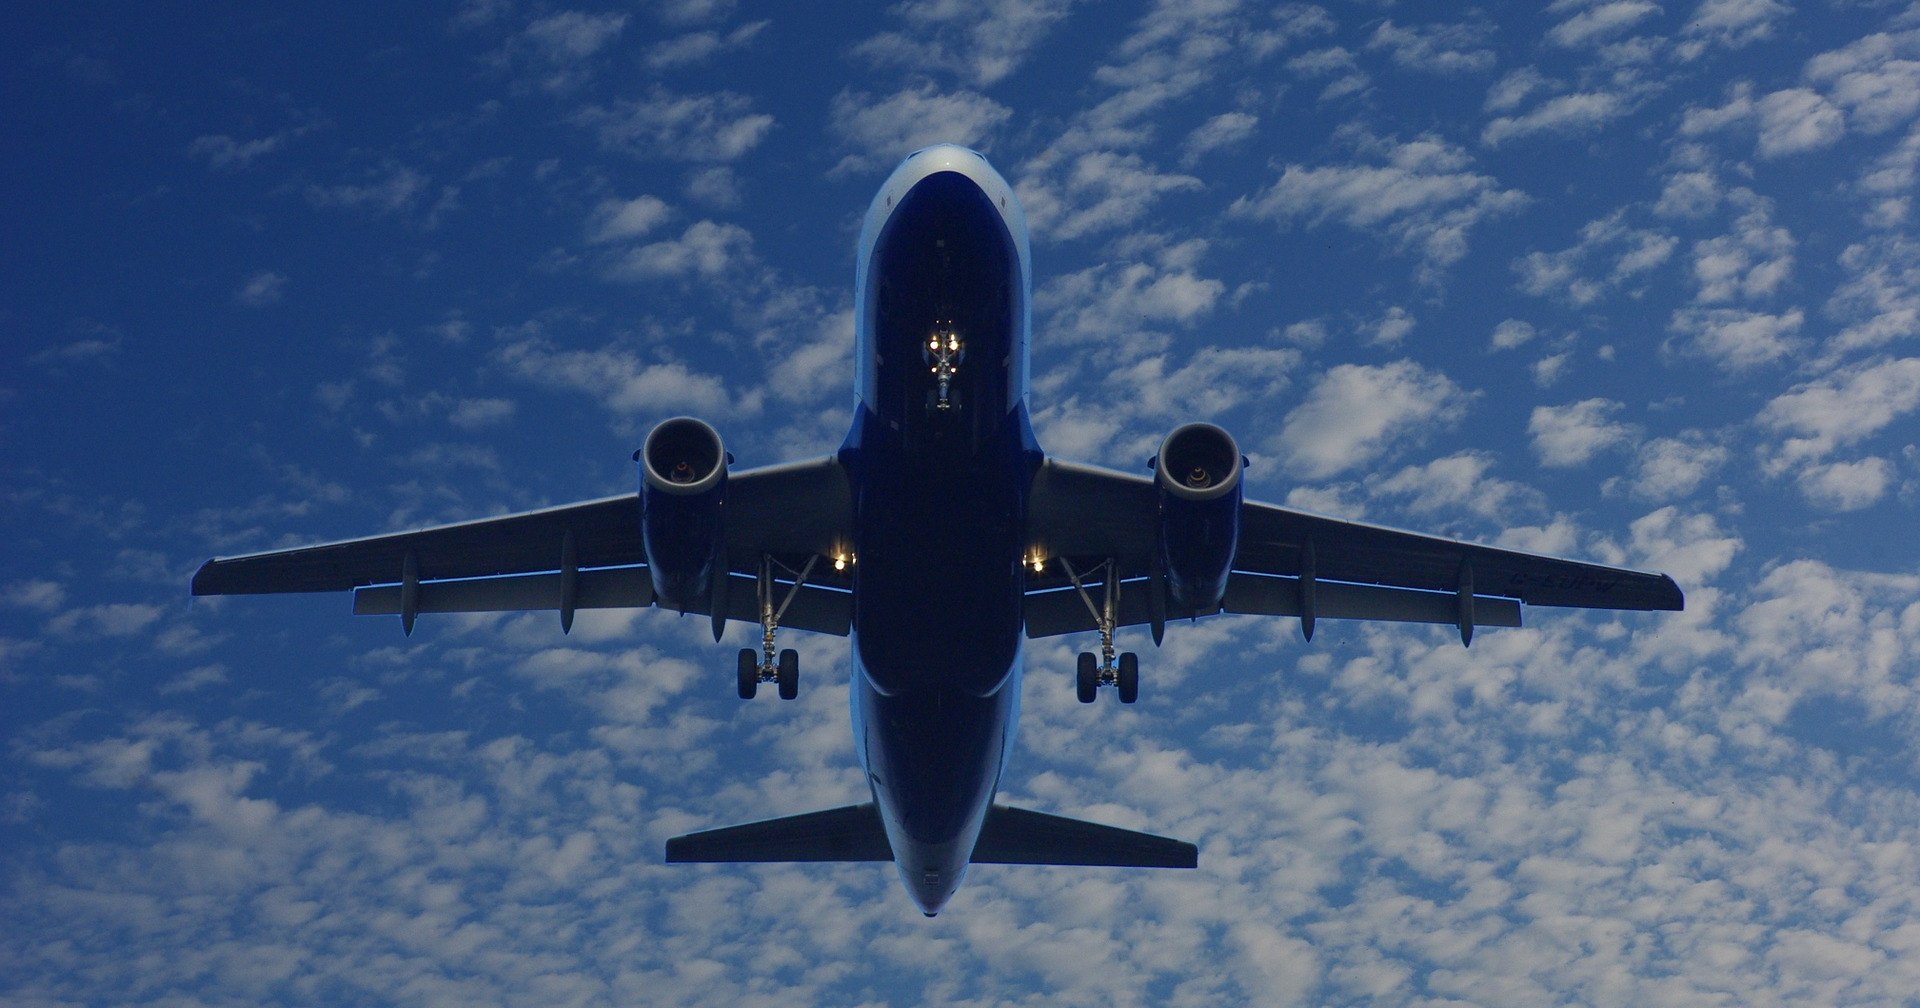 Почему после взлета двигатели самолета затихают, и кажется, что он падает?